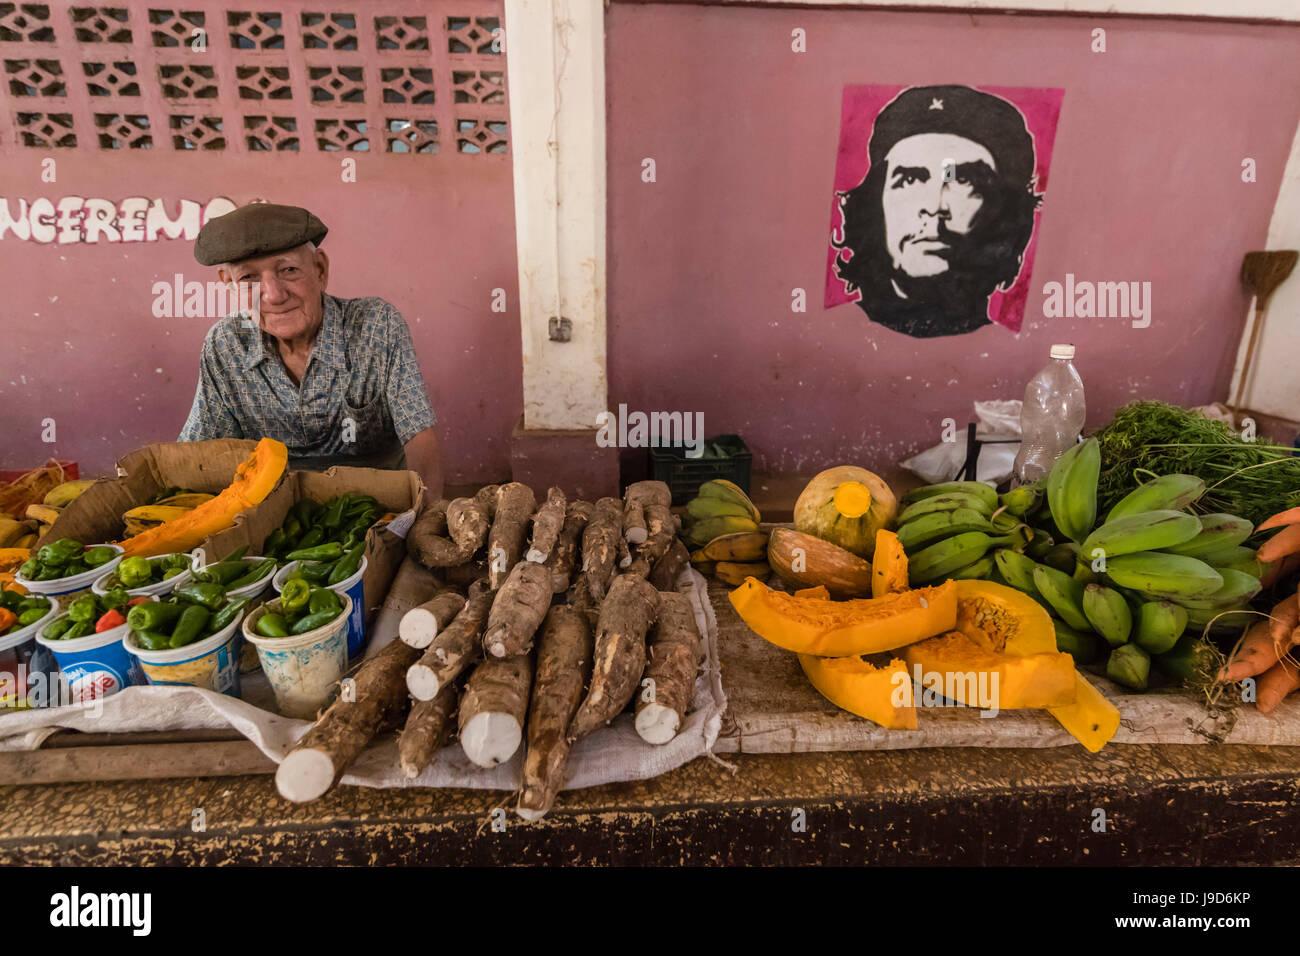 Les fruits et légumes en vente par vendeur privé au Mercado Industrial à Cienfuegos, Cuba, Antilles, Caraïbes Banque D'Images